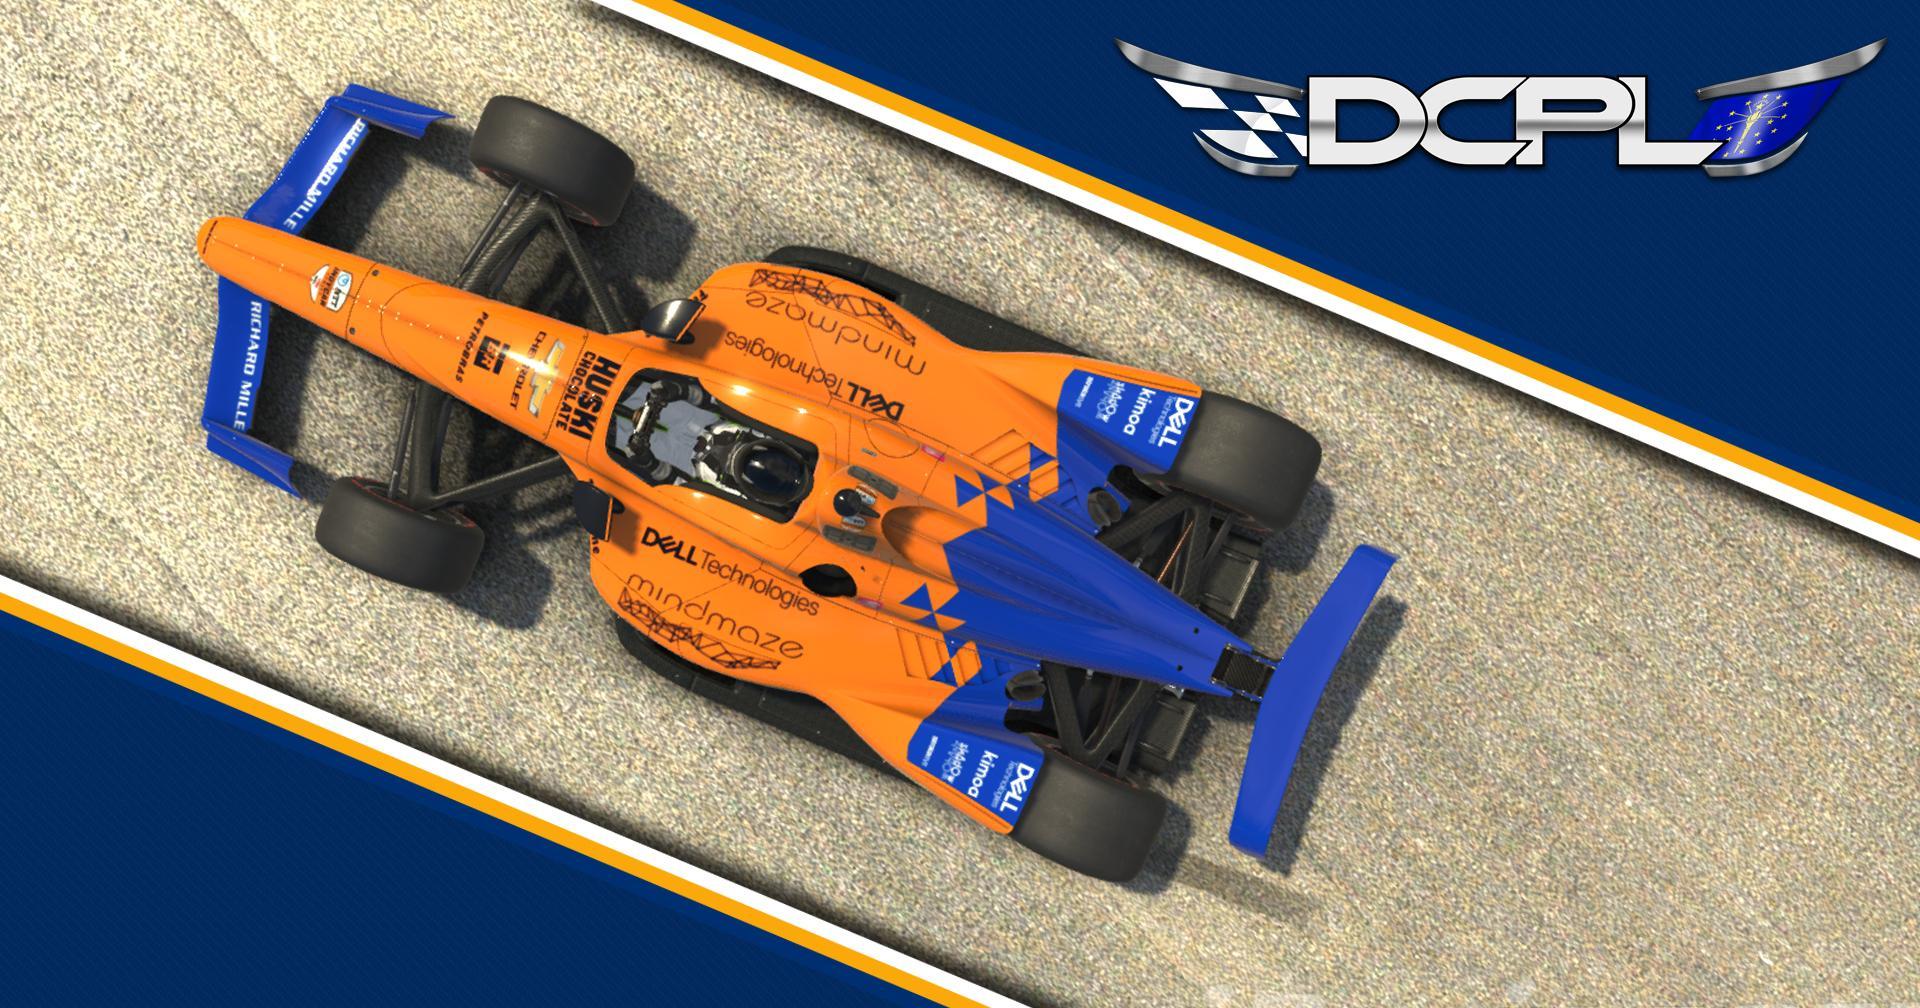 Preview of Fernando Alonso McLaren 2019 Indianapolis 500 Entry by Sean Disbro2